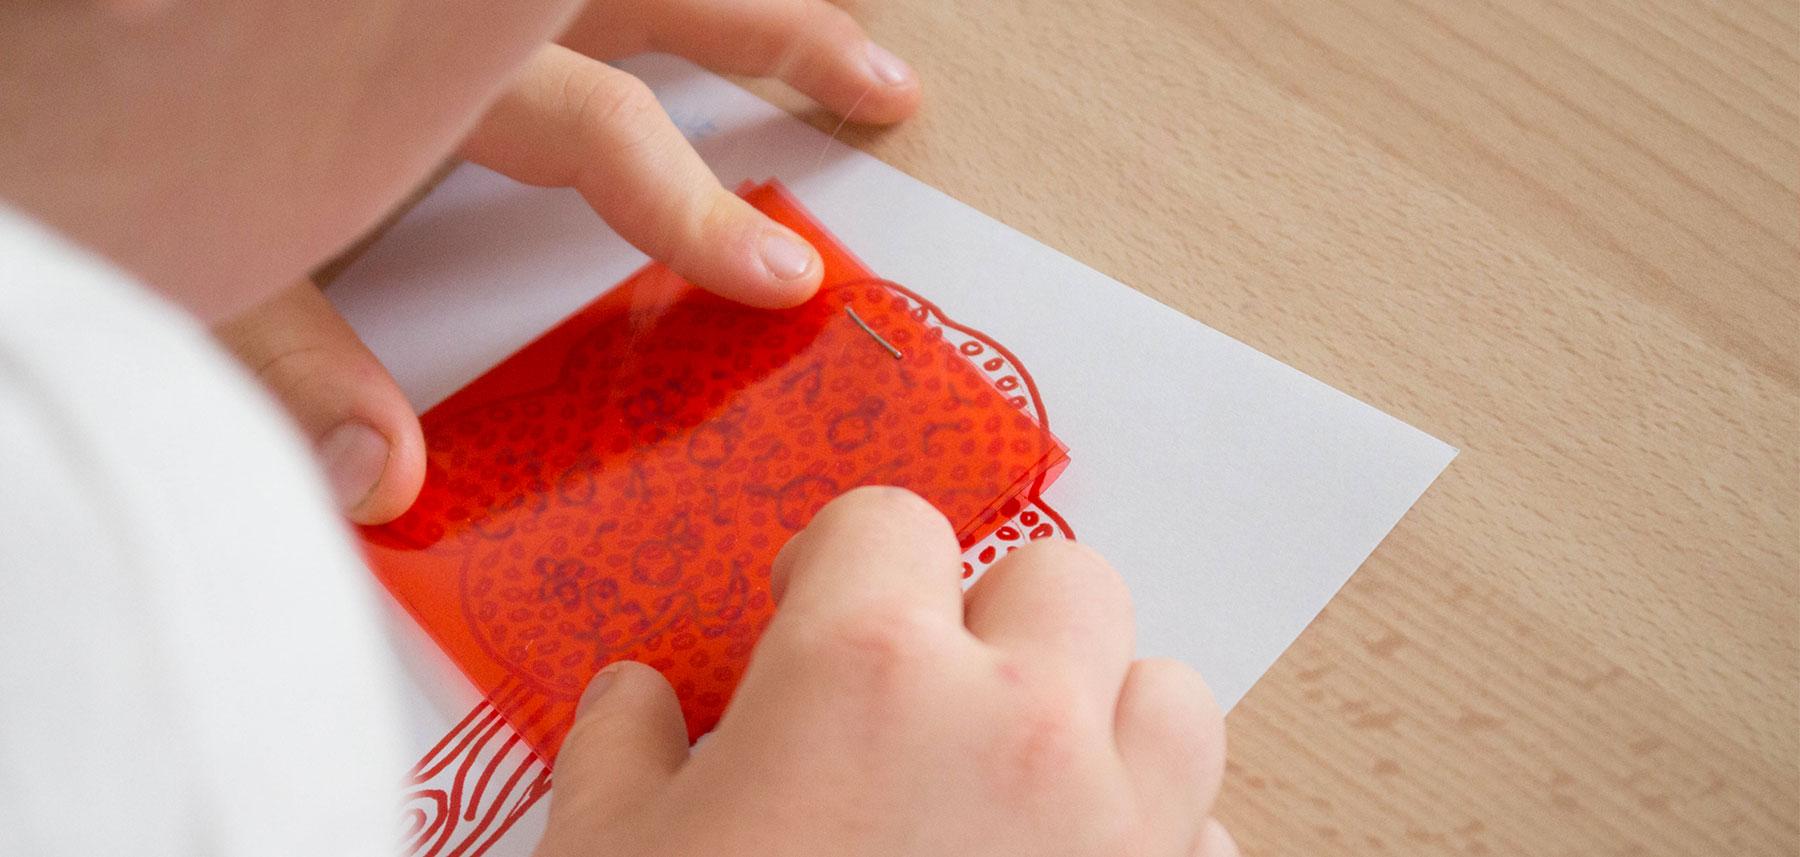 Ateliers enfant regarde dessin caché